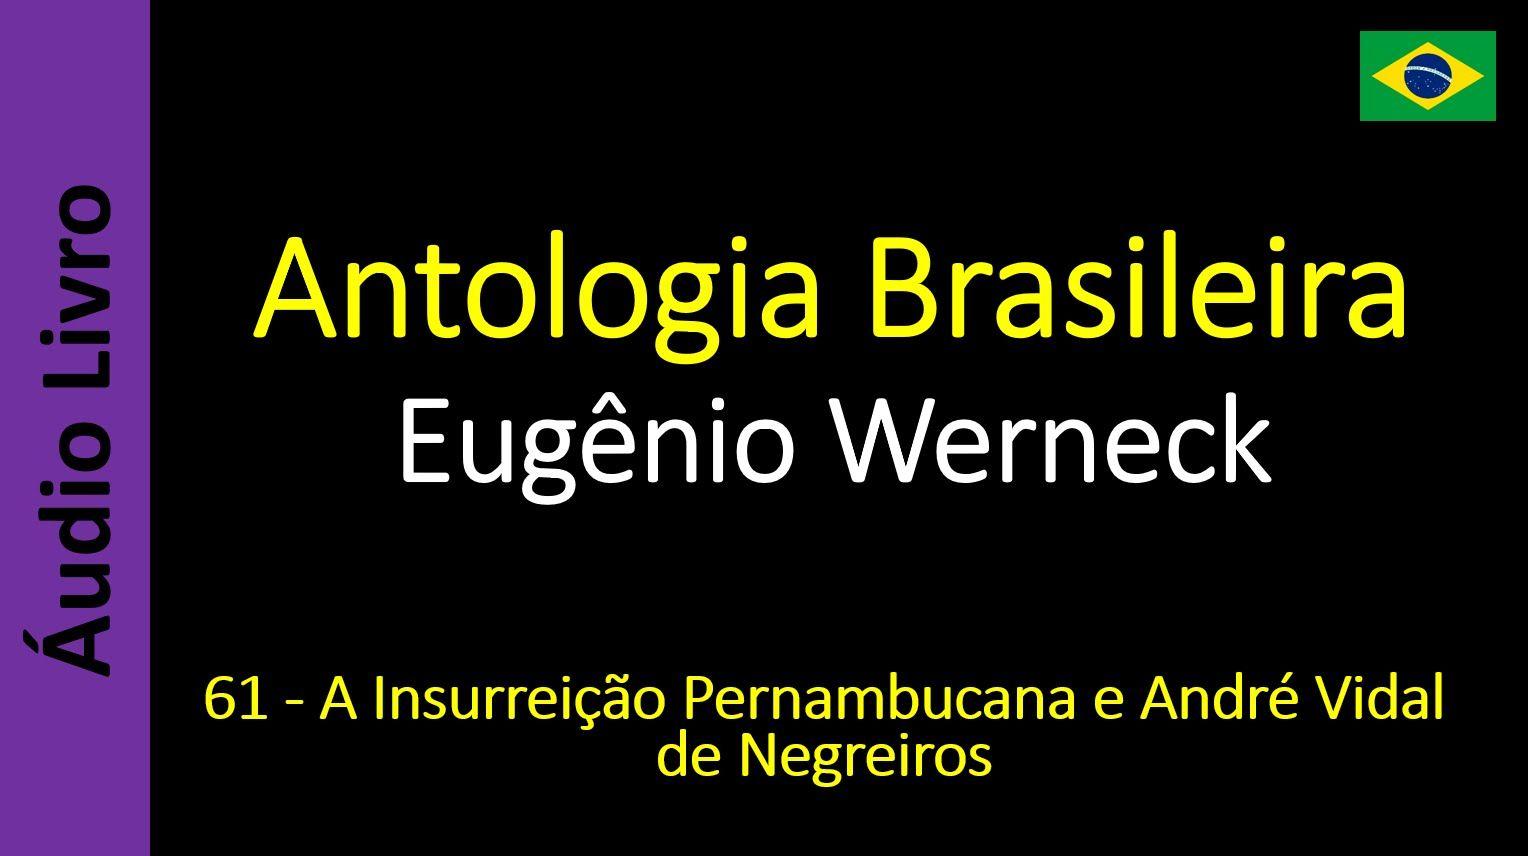 Eugênio Werneck - Antologia Brasileira - 61 - A Insurreição Pernambucana